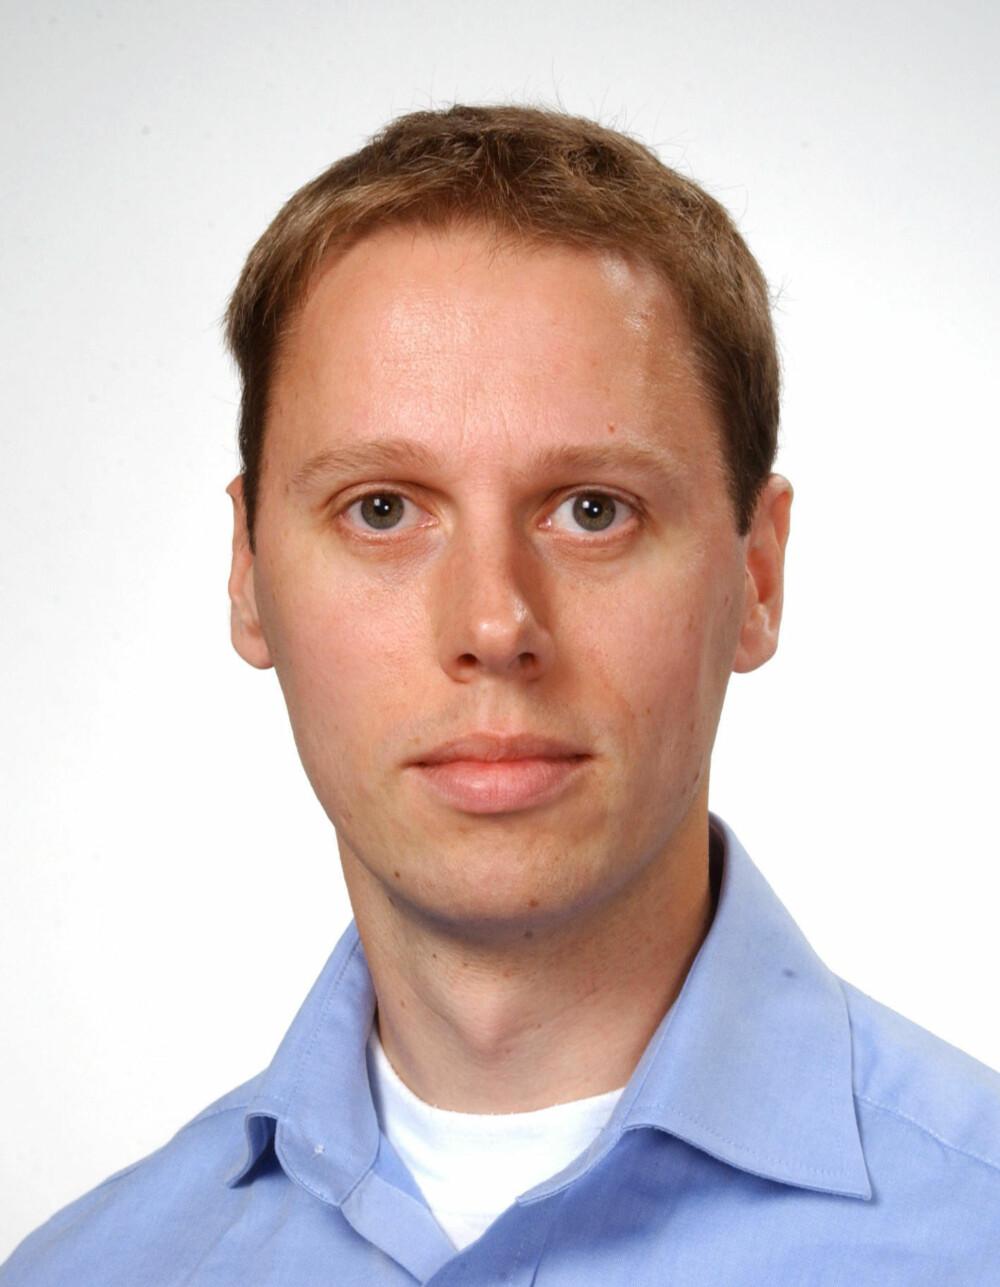 FORSKER: Morten Hansbø er forsker ved FFI. Han har robotikk og kunstig intelligens som spesialfelt.